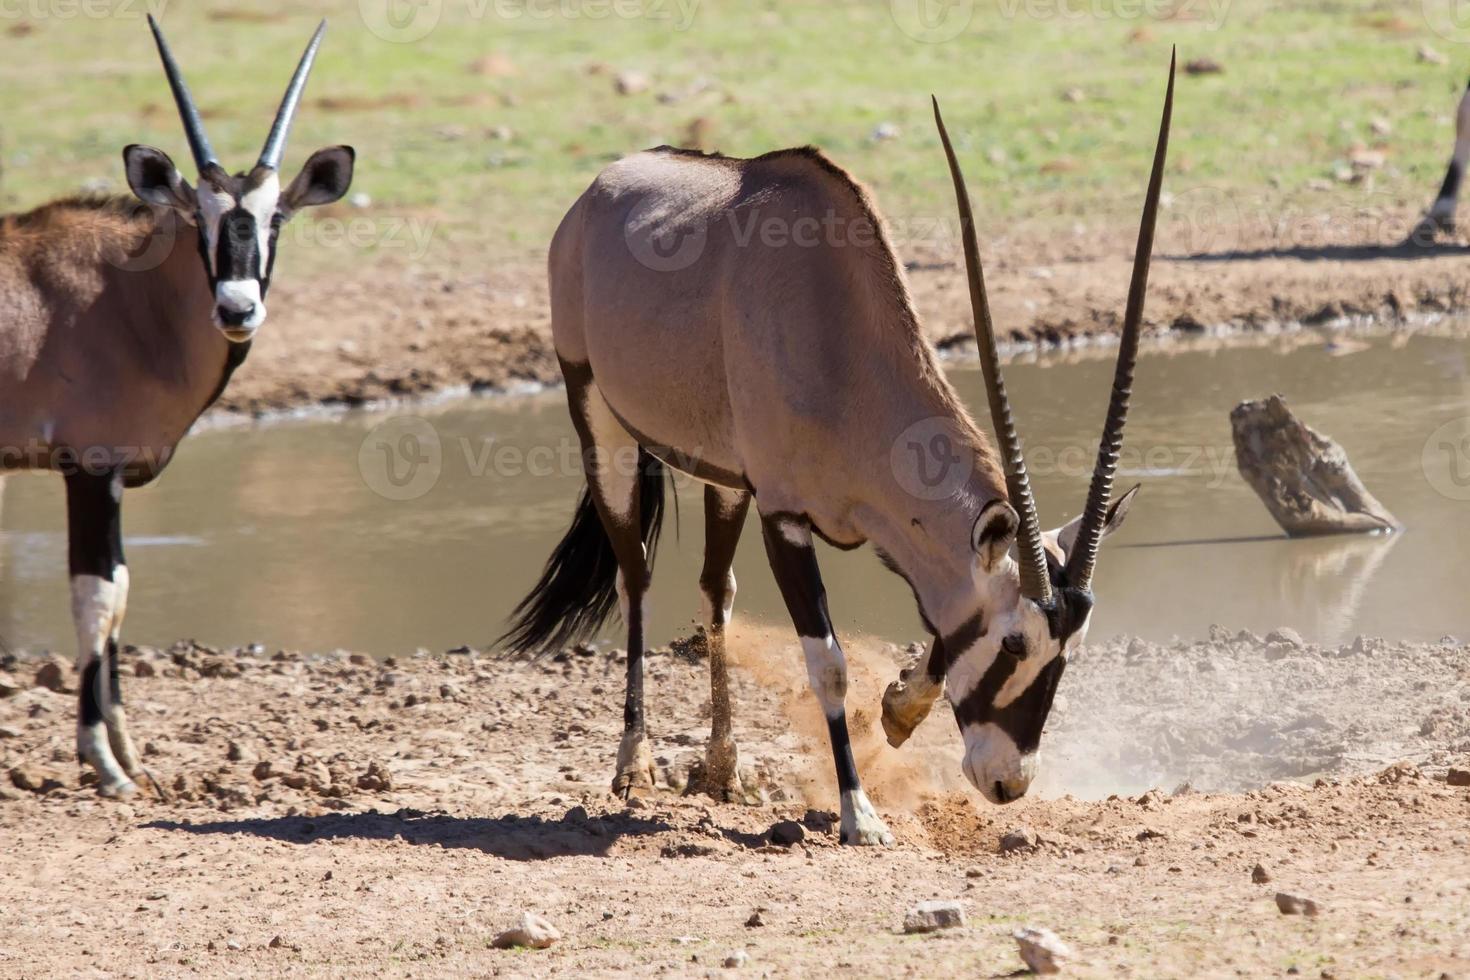 durstiges Oryx-Trinkwasser am Teich in der heißen trockenen Wüste foto